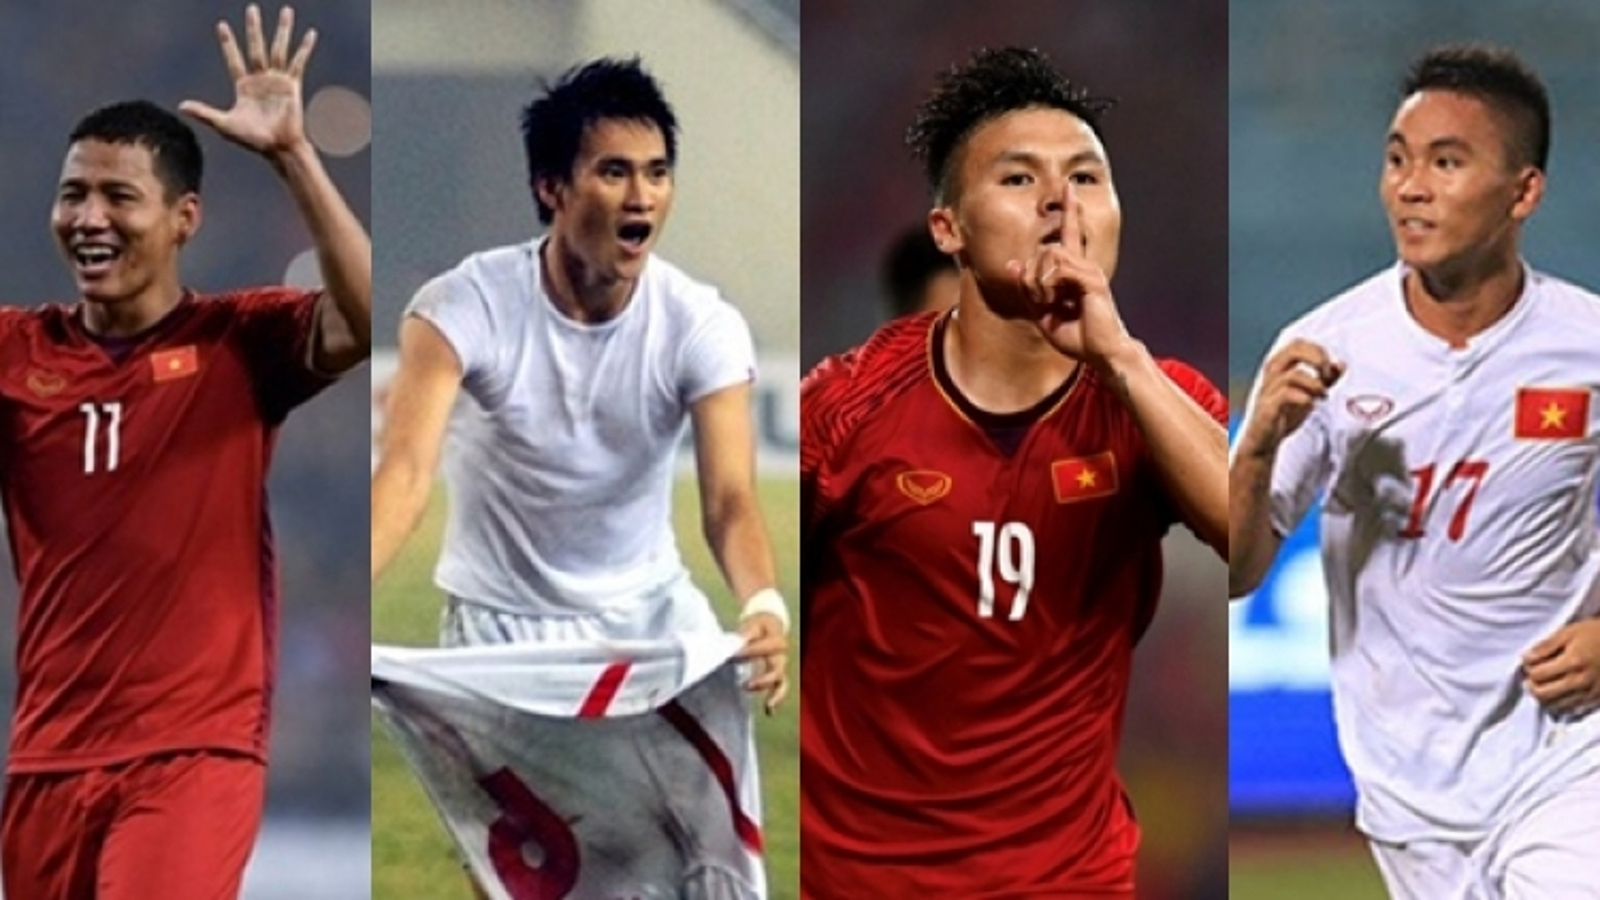 Bóng đá Việt Nam và cái duyên đặc biệt với các cầu thủ tuổi Sửu